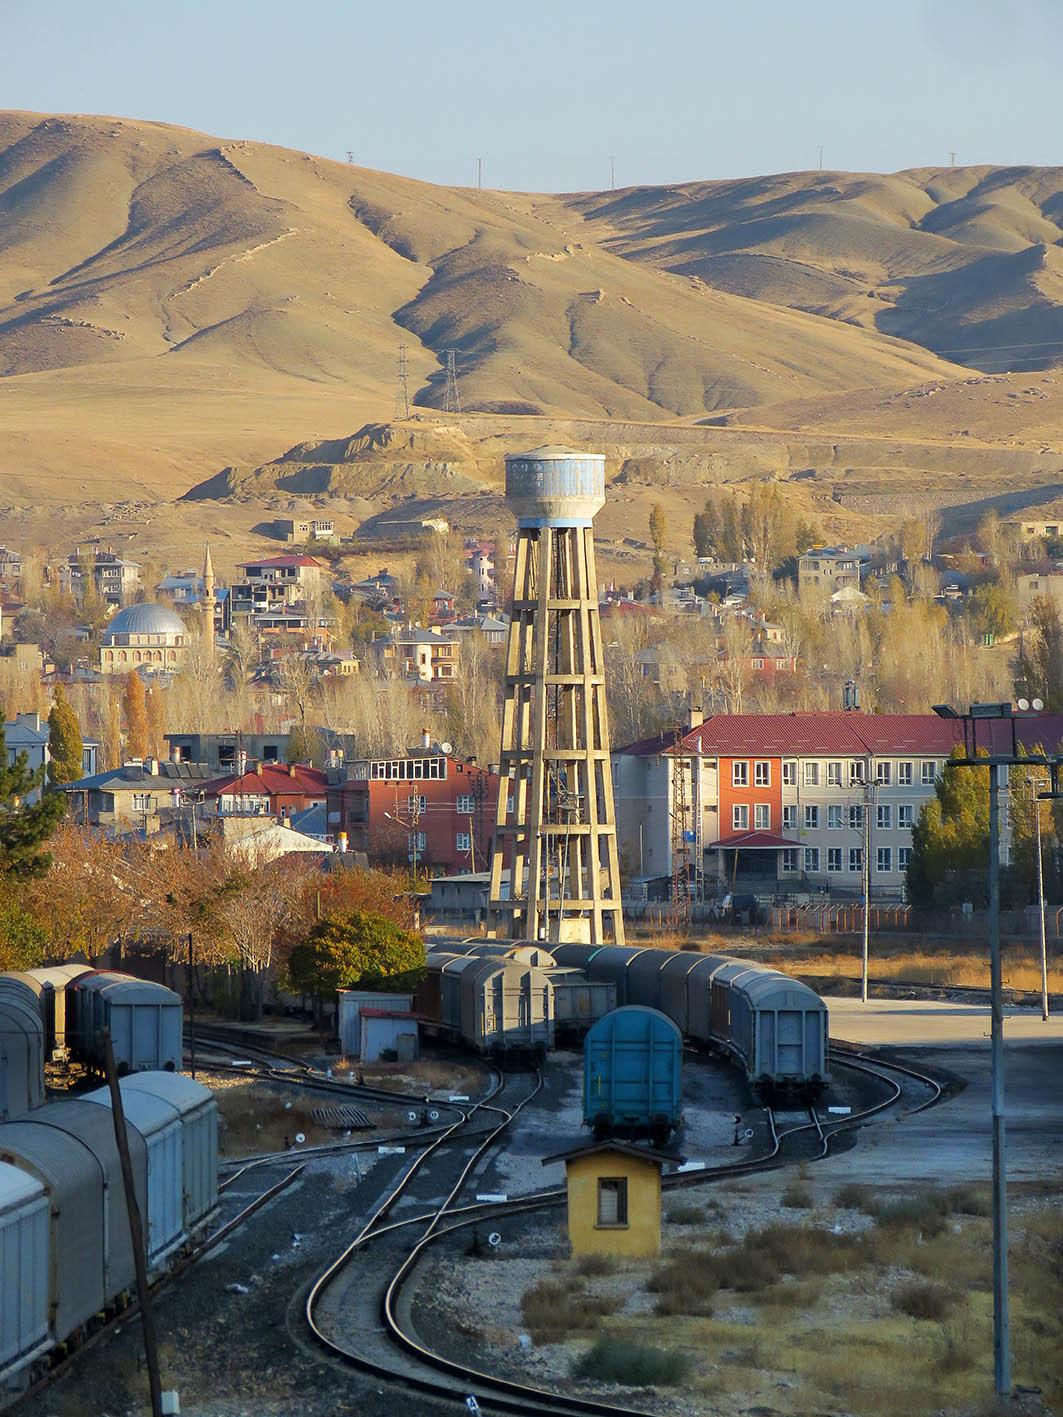 Ван. Часть 1: столица Урарту замки-крепости,Великая Степь,Турция,дорожное